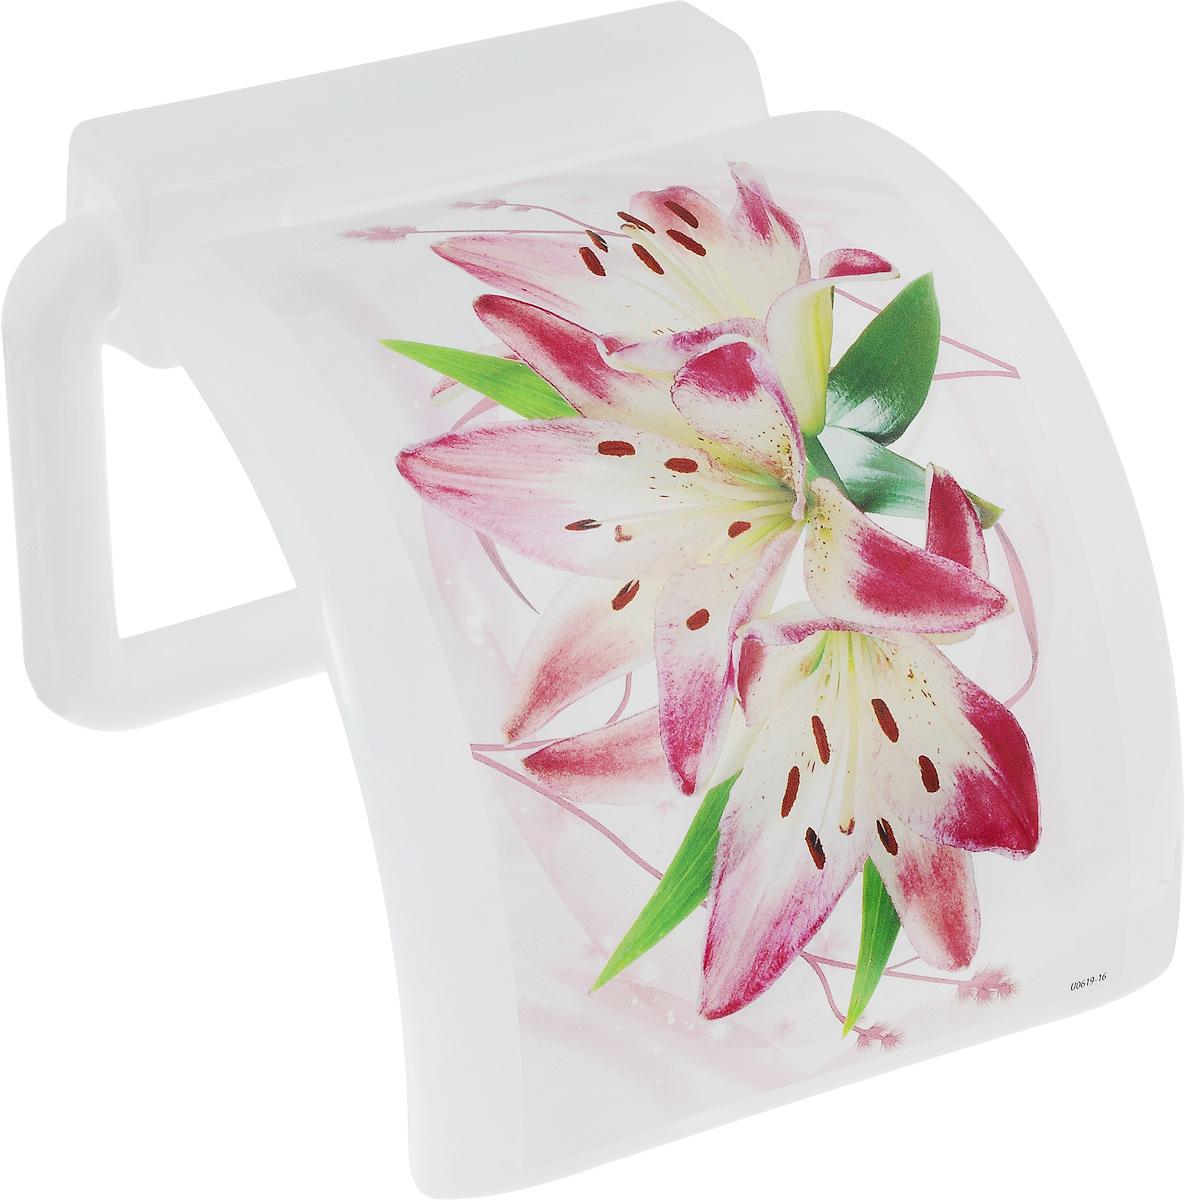 Держатель для туалетной бумаги Idea Деко. Лилия, с крышкой, цвет: белый, розовый, зеленыйМ 2226Держатель для туалетной бумаги Idea Деко. Лилия изготовлен из прочного пластика и оснащен крышкой. На задней стенке изделия имеются 2 отверстия для подвешивания. Размер держателя: 15 х 13 х 9 см.